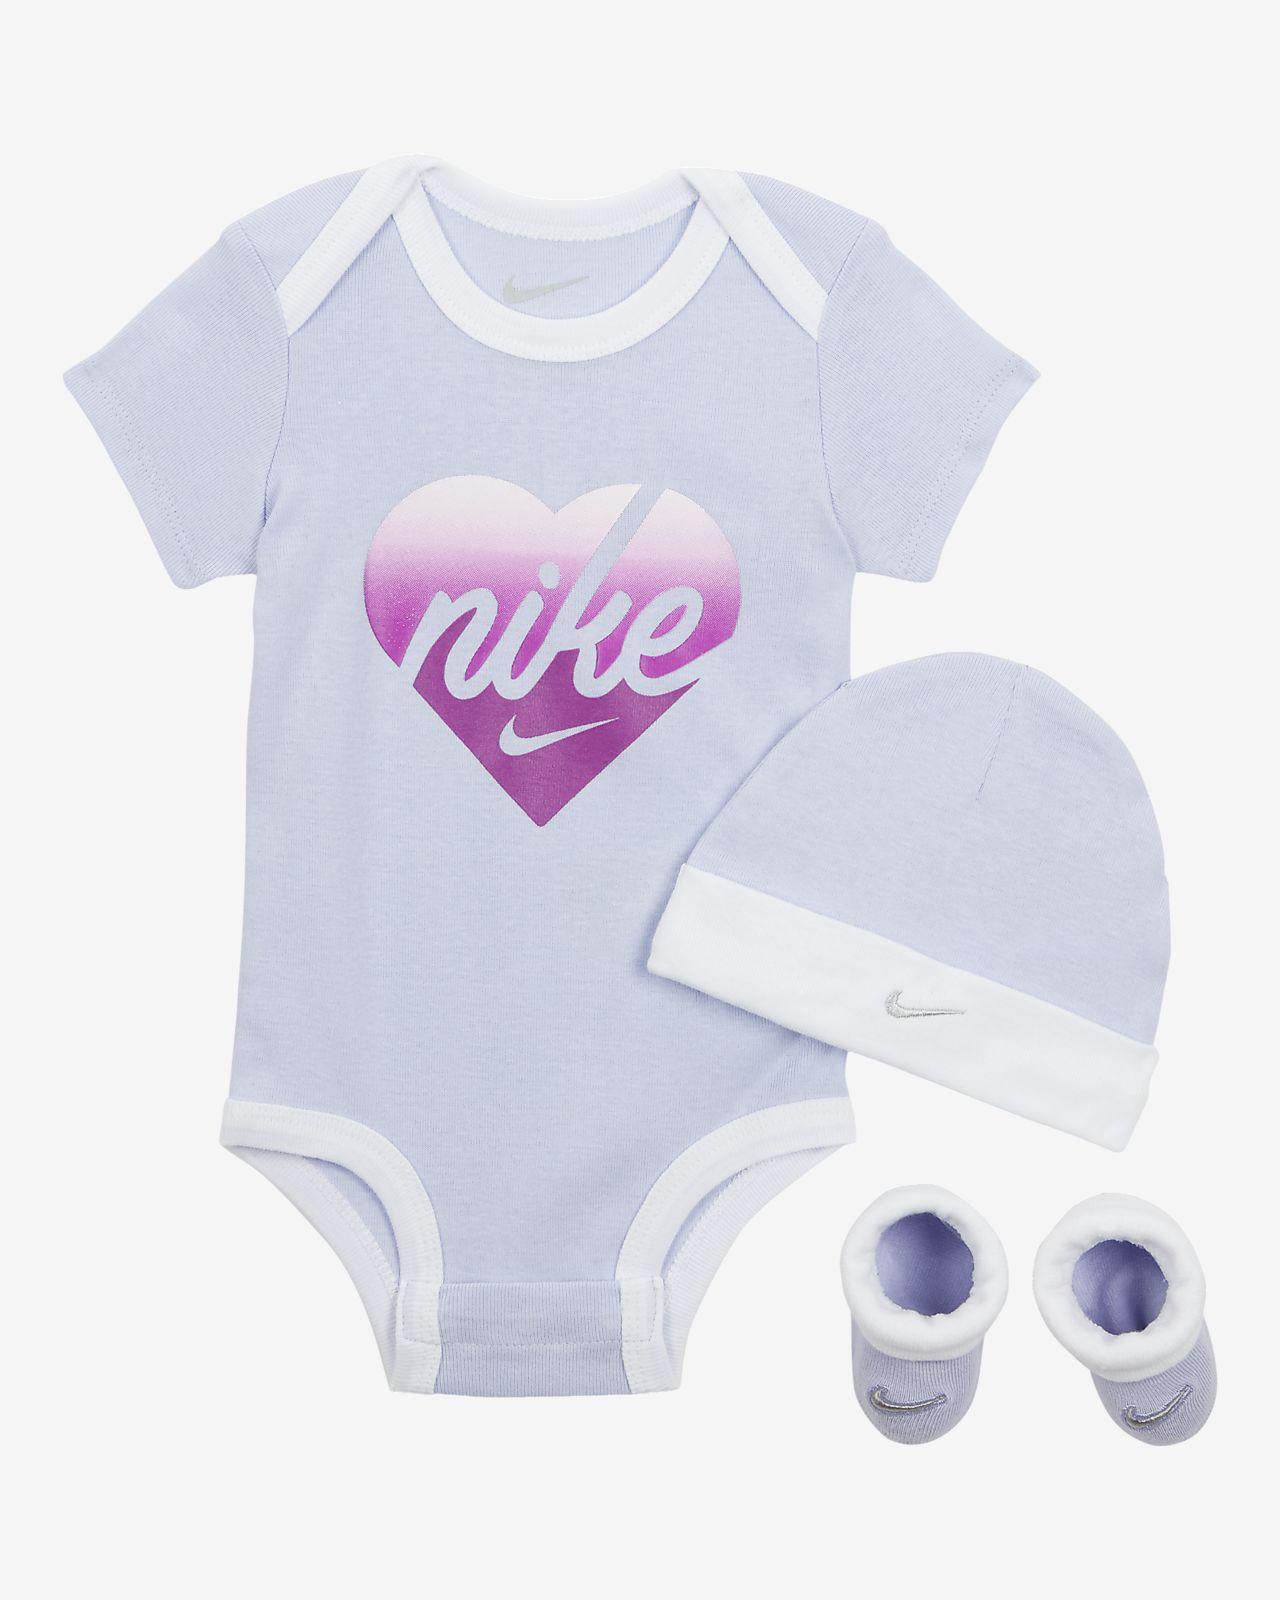 Babys für aus BodysuitMütze Nike Schühchen und Set PkXOuiZ